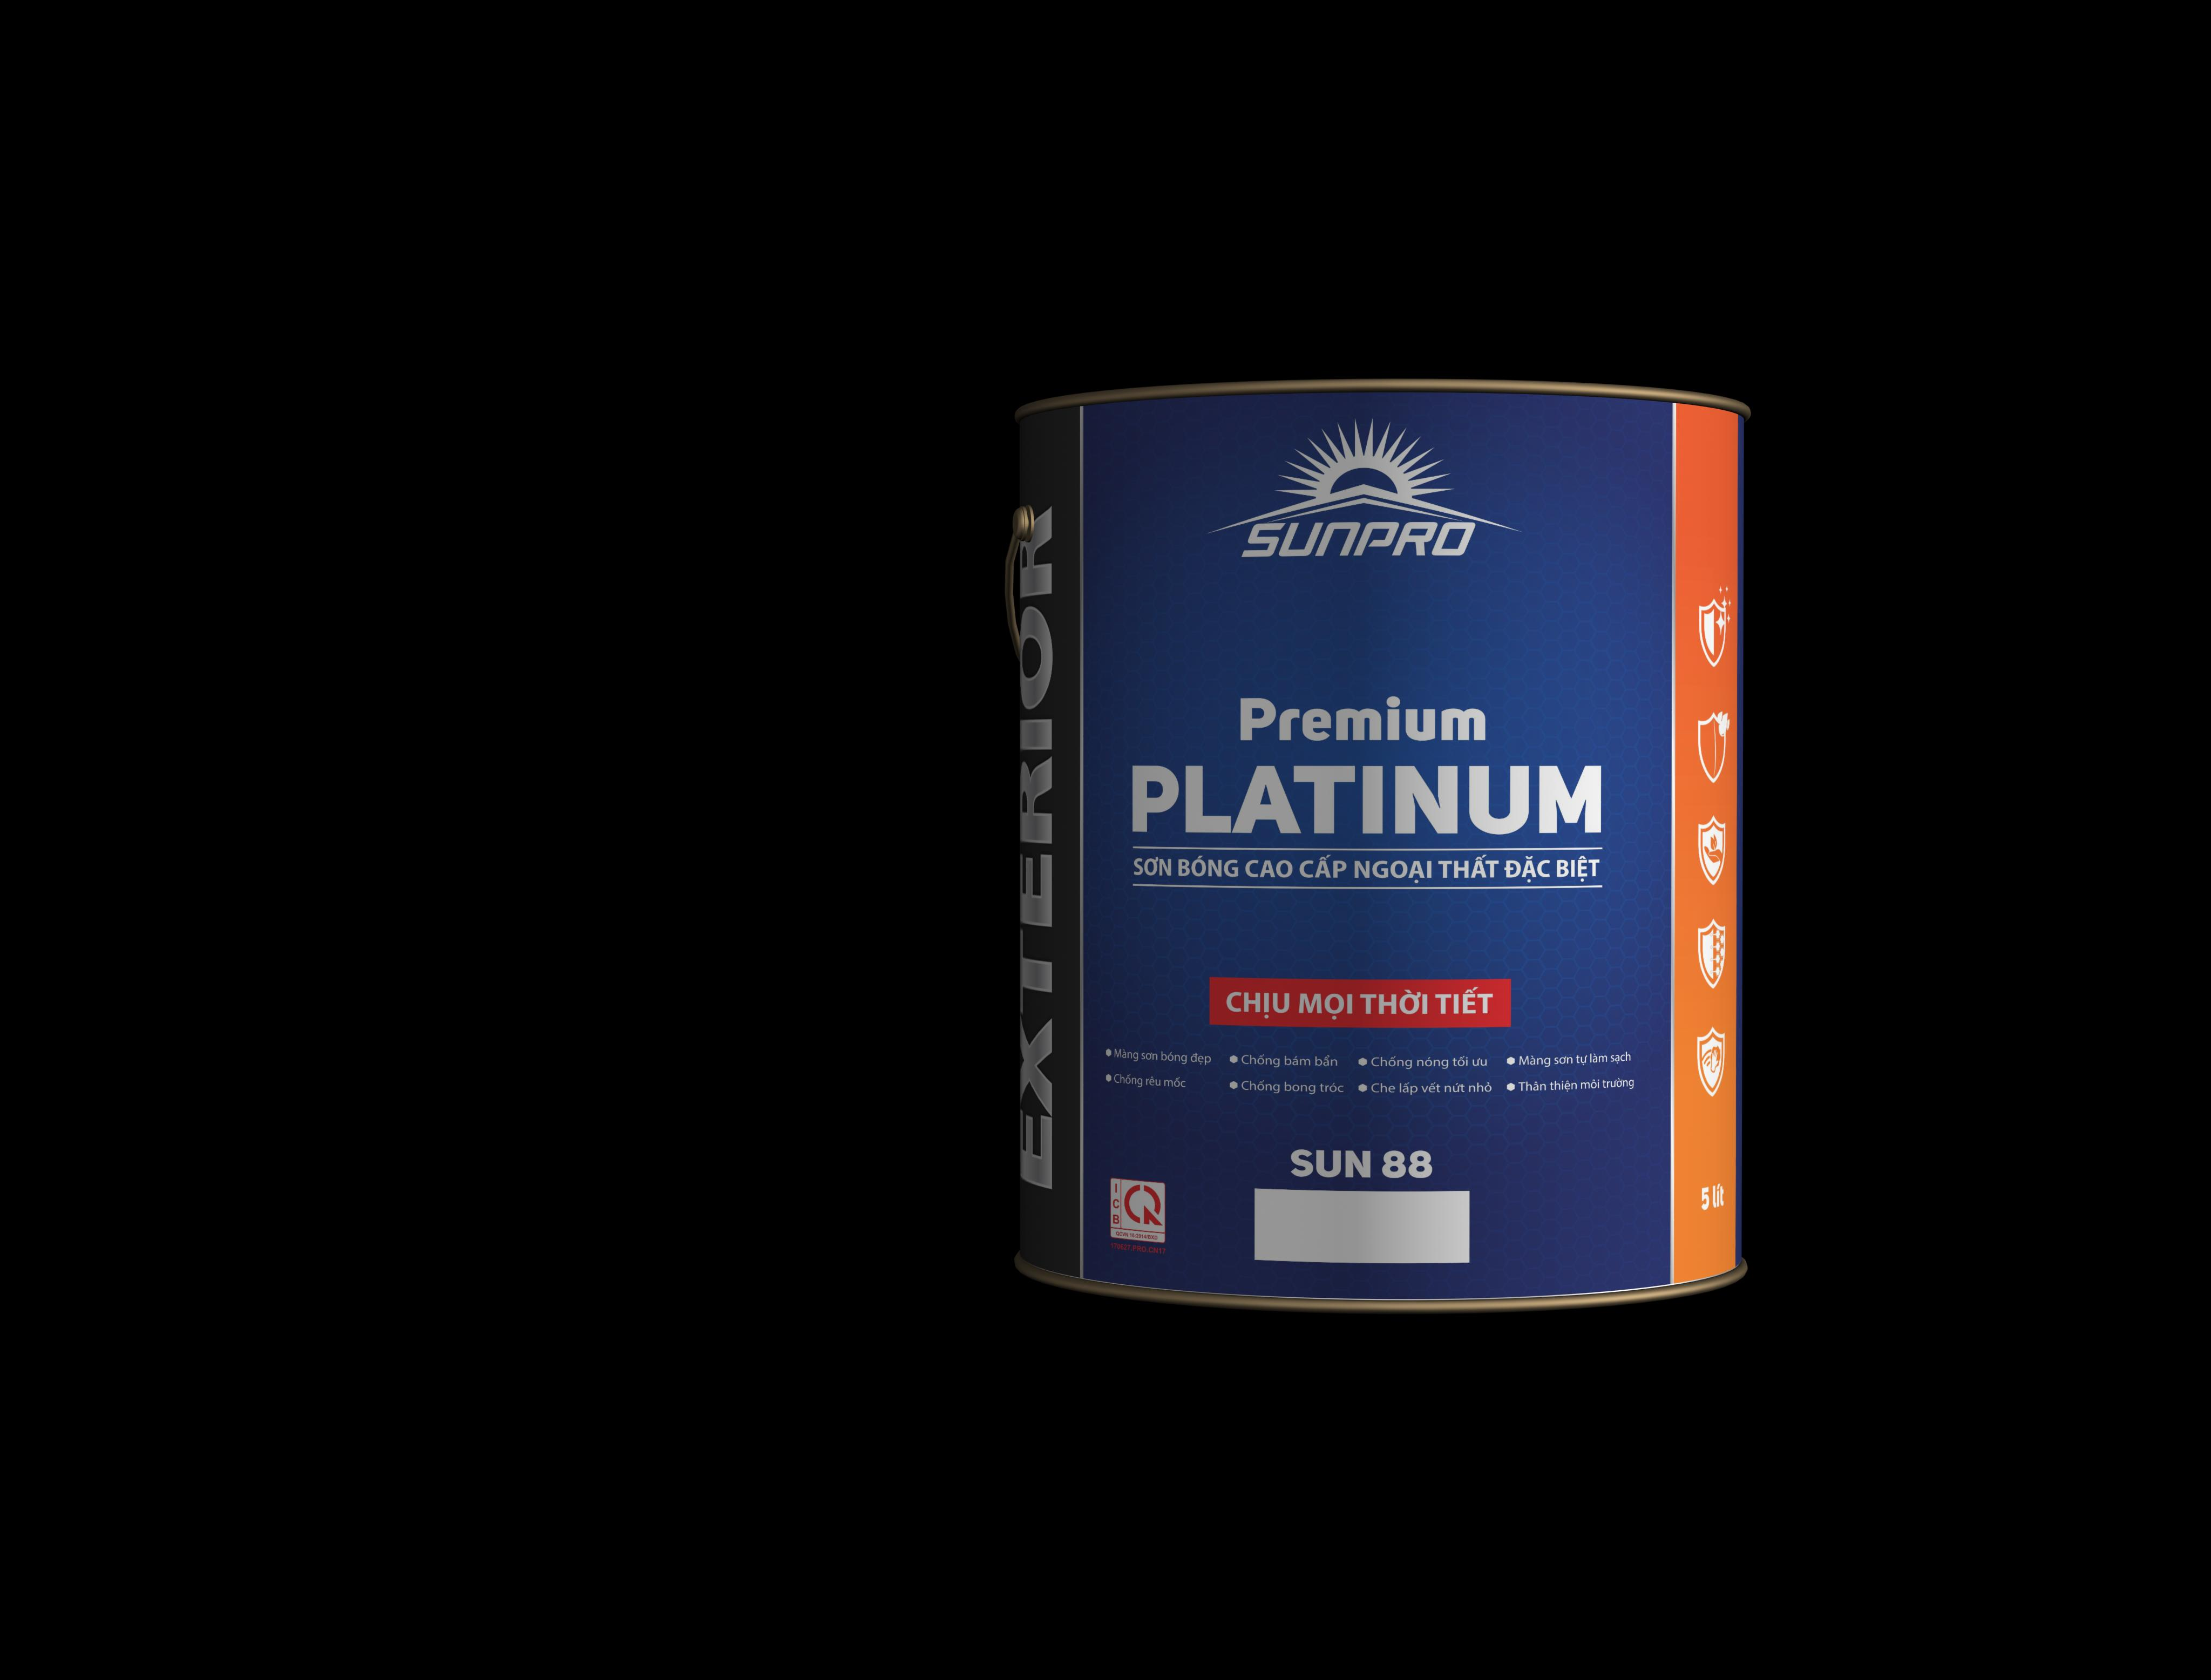 Sơn bóng cao cấp ngoại thất đặc biệt Premium PLATINUM